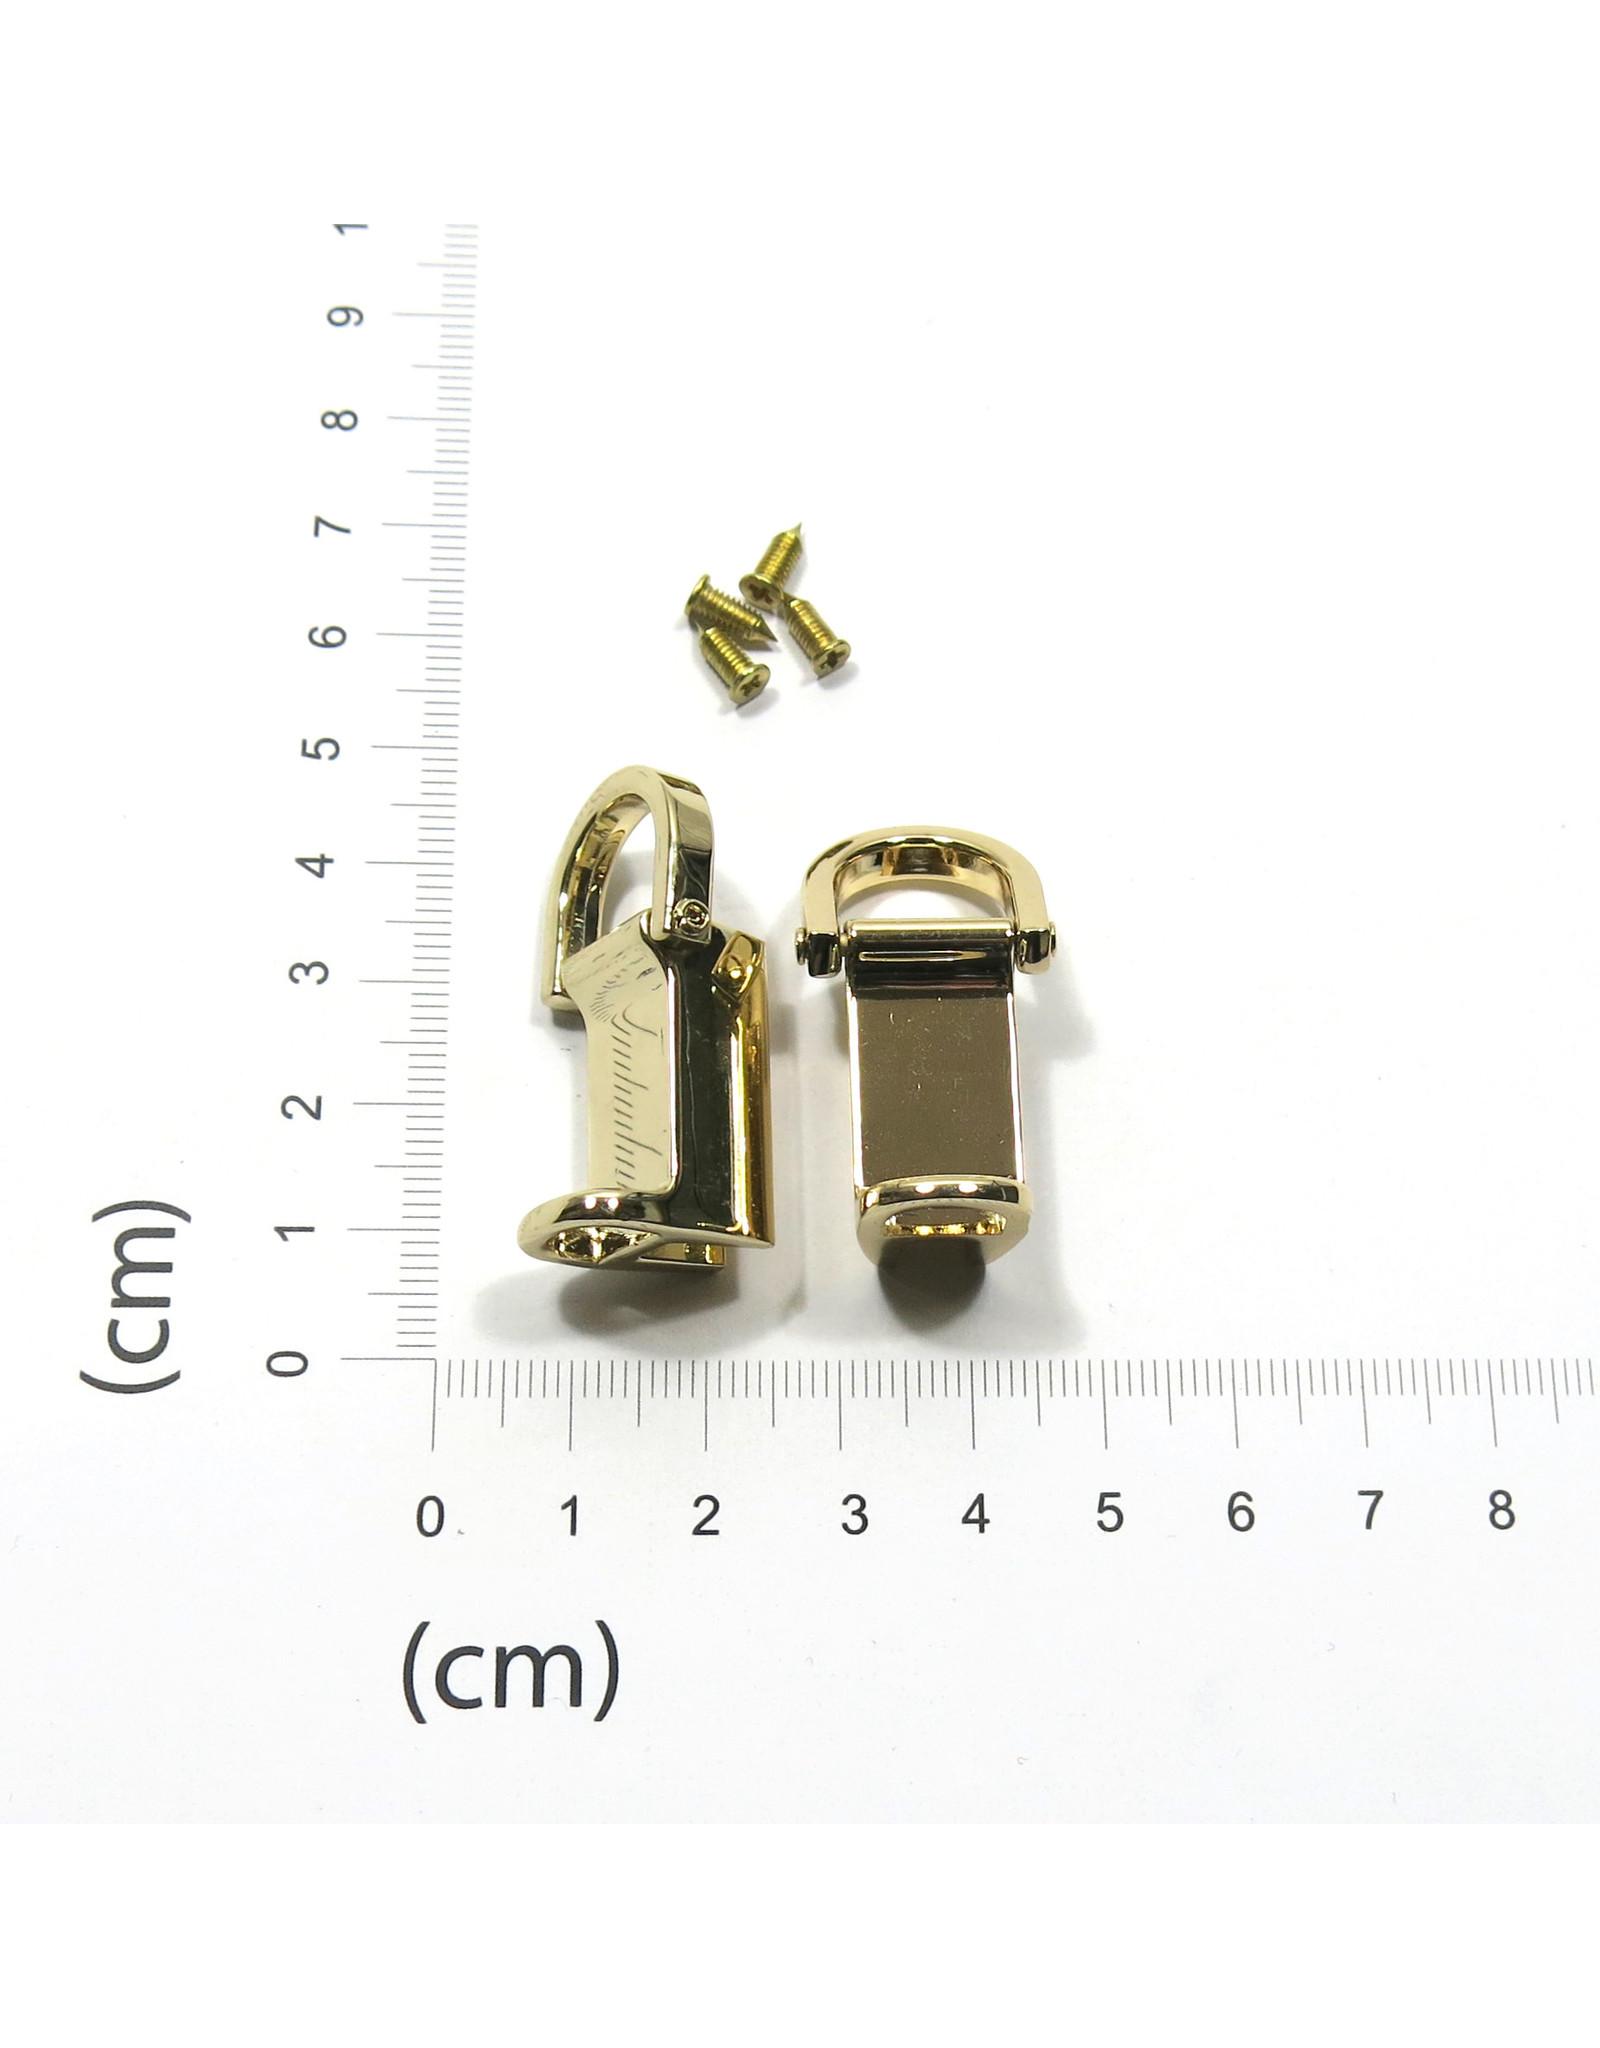 Set 2 gusset hooks strap connector